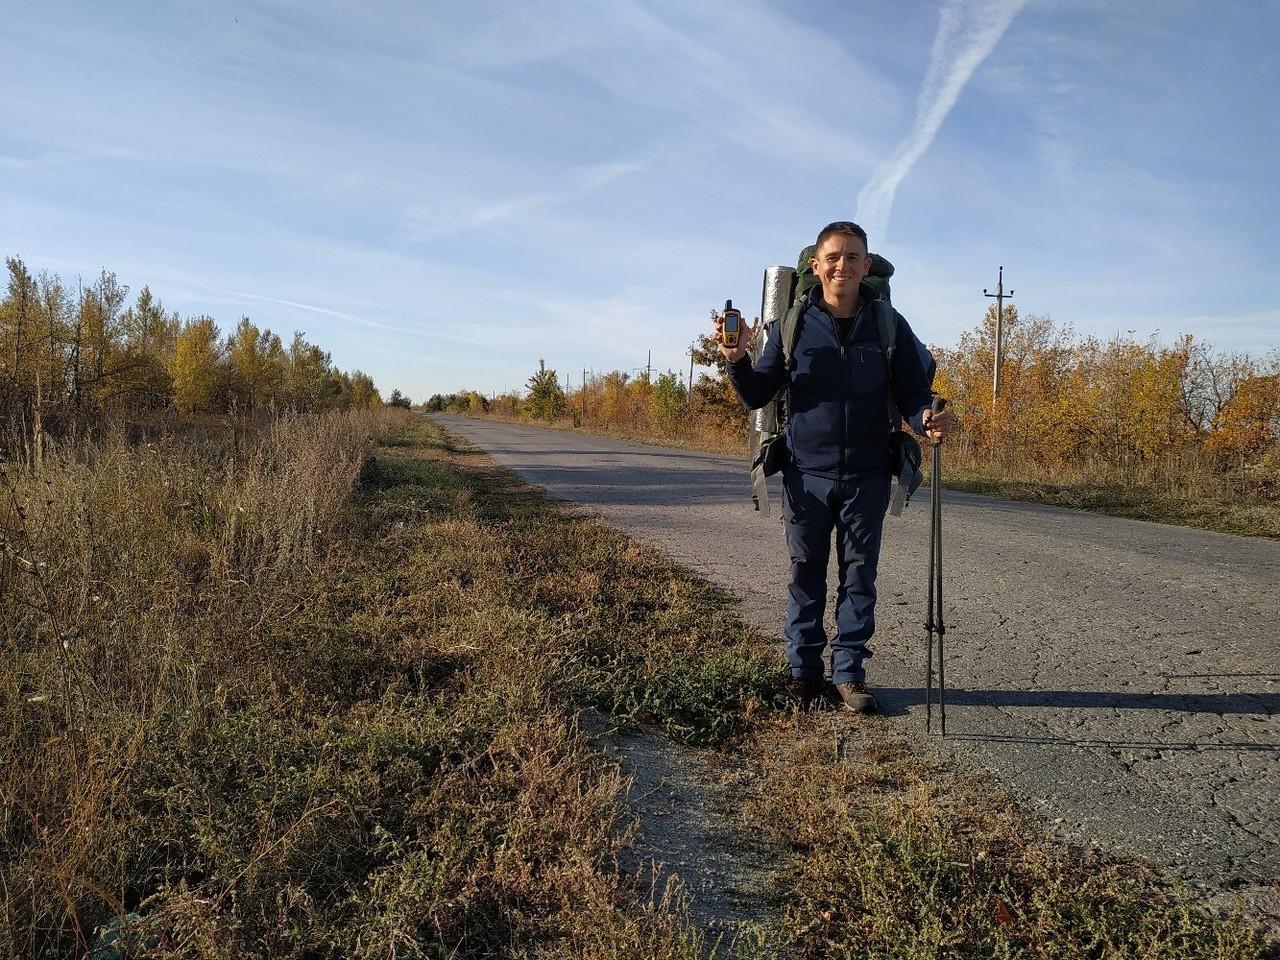 Петербуржец Евгений Кутузов рассказал, зачем он идет пешком в Индию